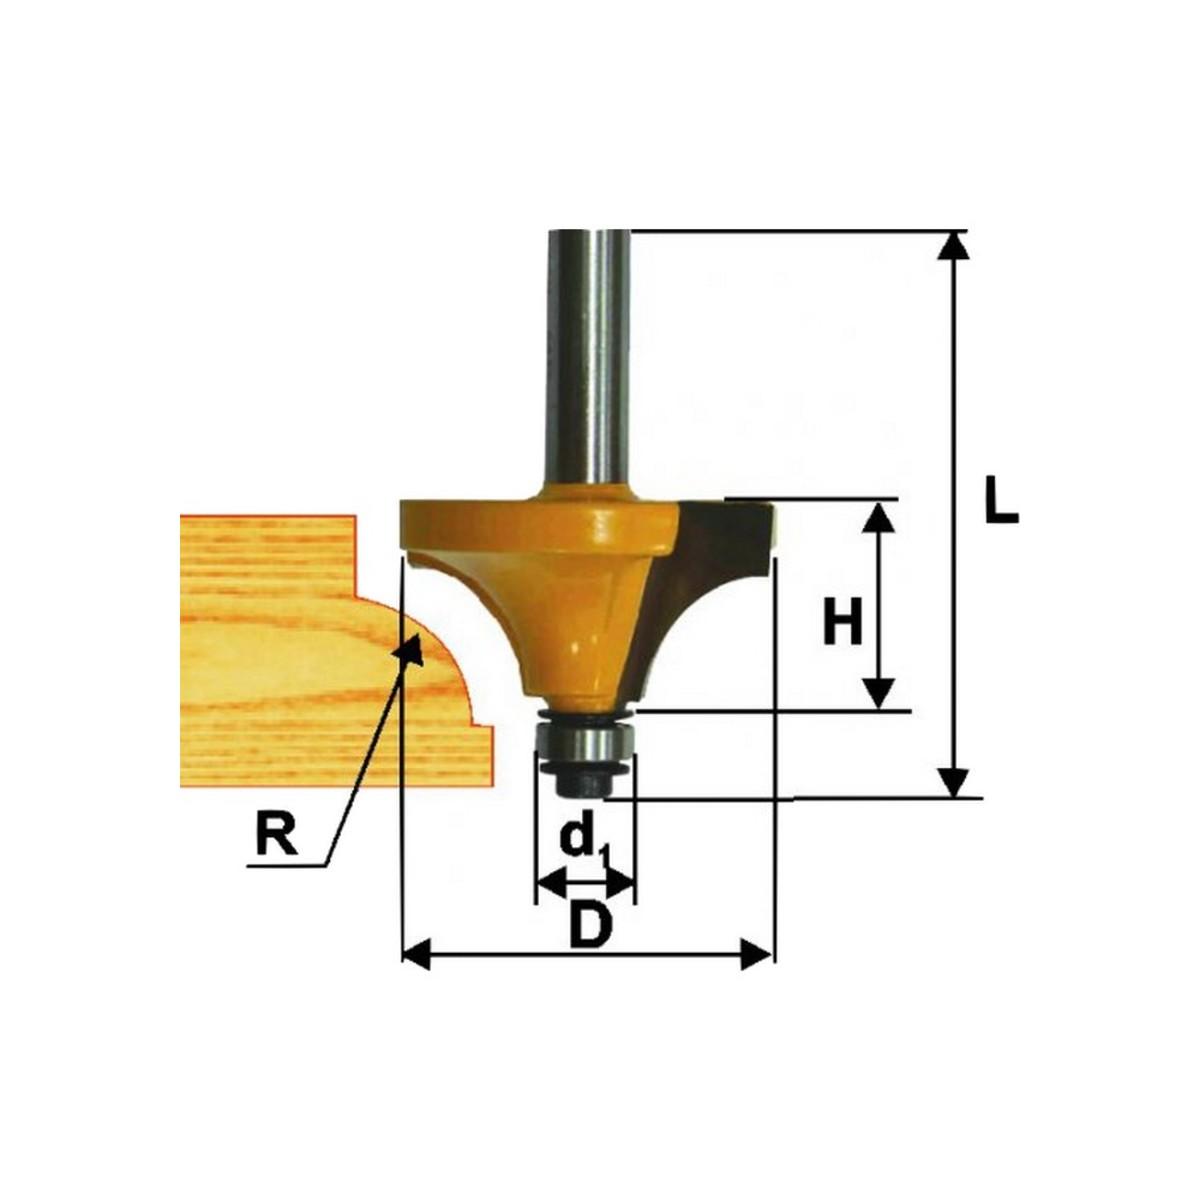 Фреза кромочная калевочная ЭНКОР 46246 ф22.3х12.5 мм R4.8 мм 8 мм